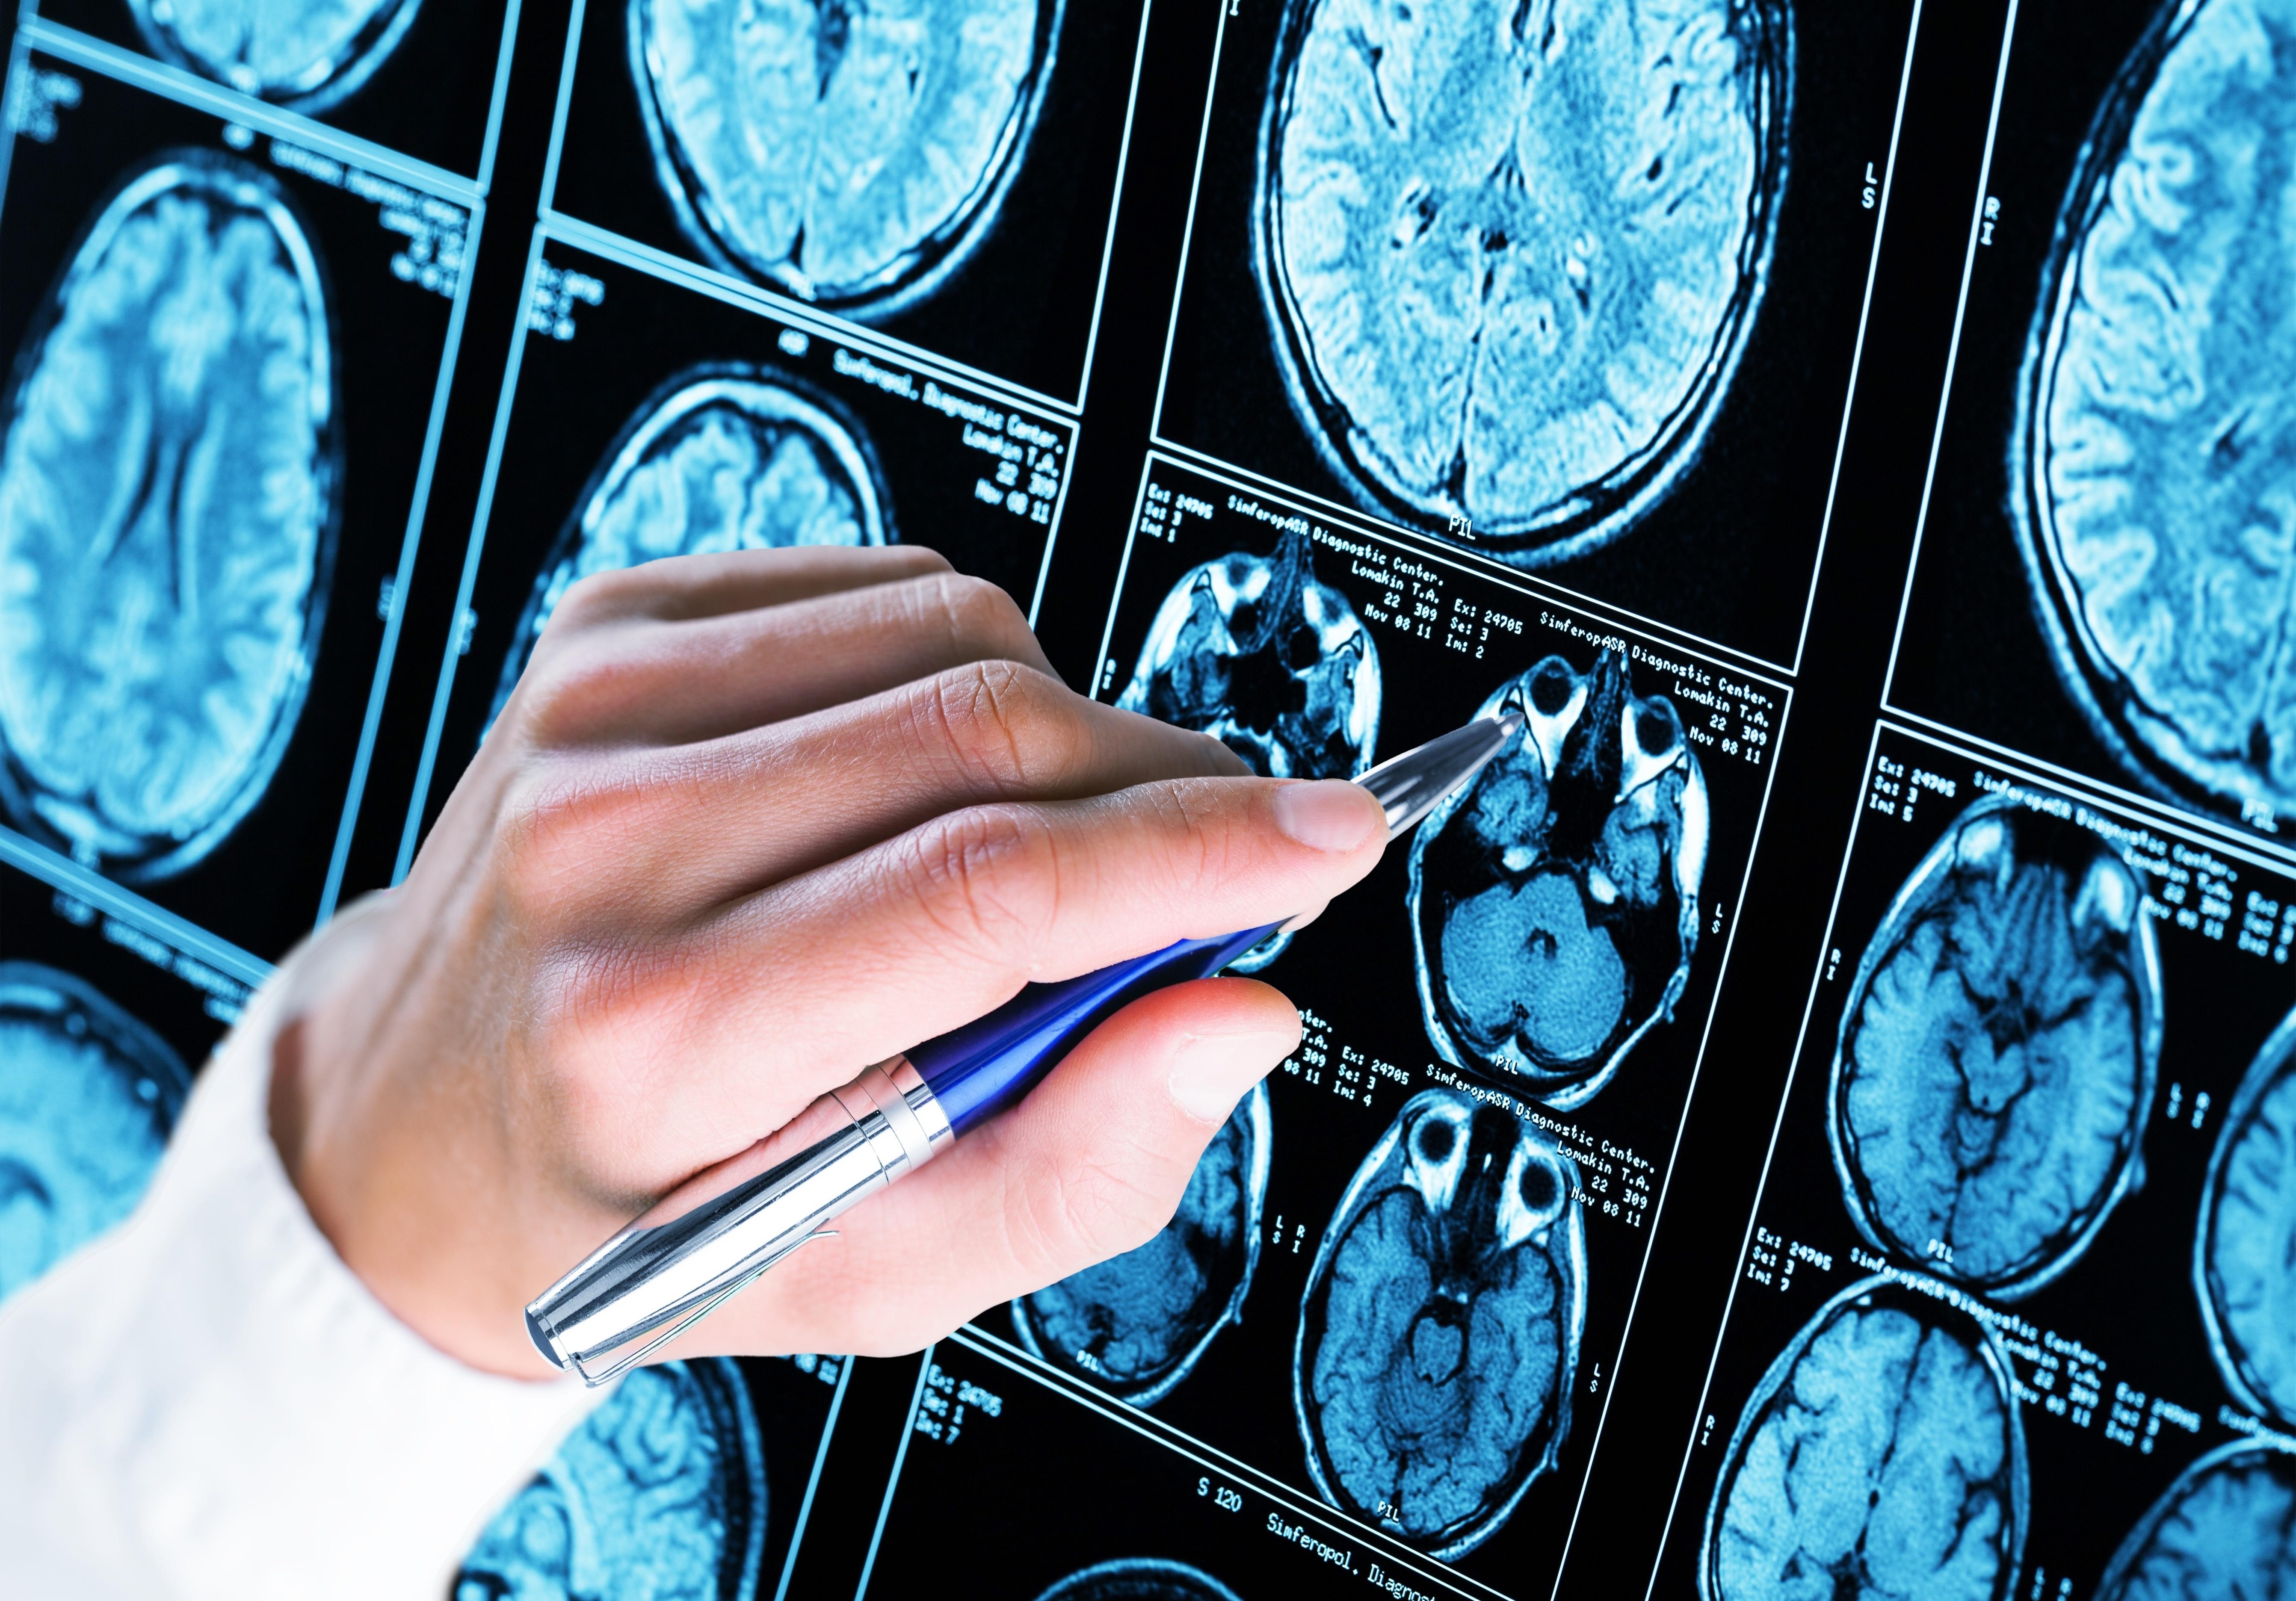 L'accumulation et les agrégats des 2 protéines Tau et β-amyloïde constituent une caractéristique de la maladie d'Alzheimer.